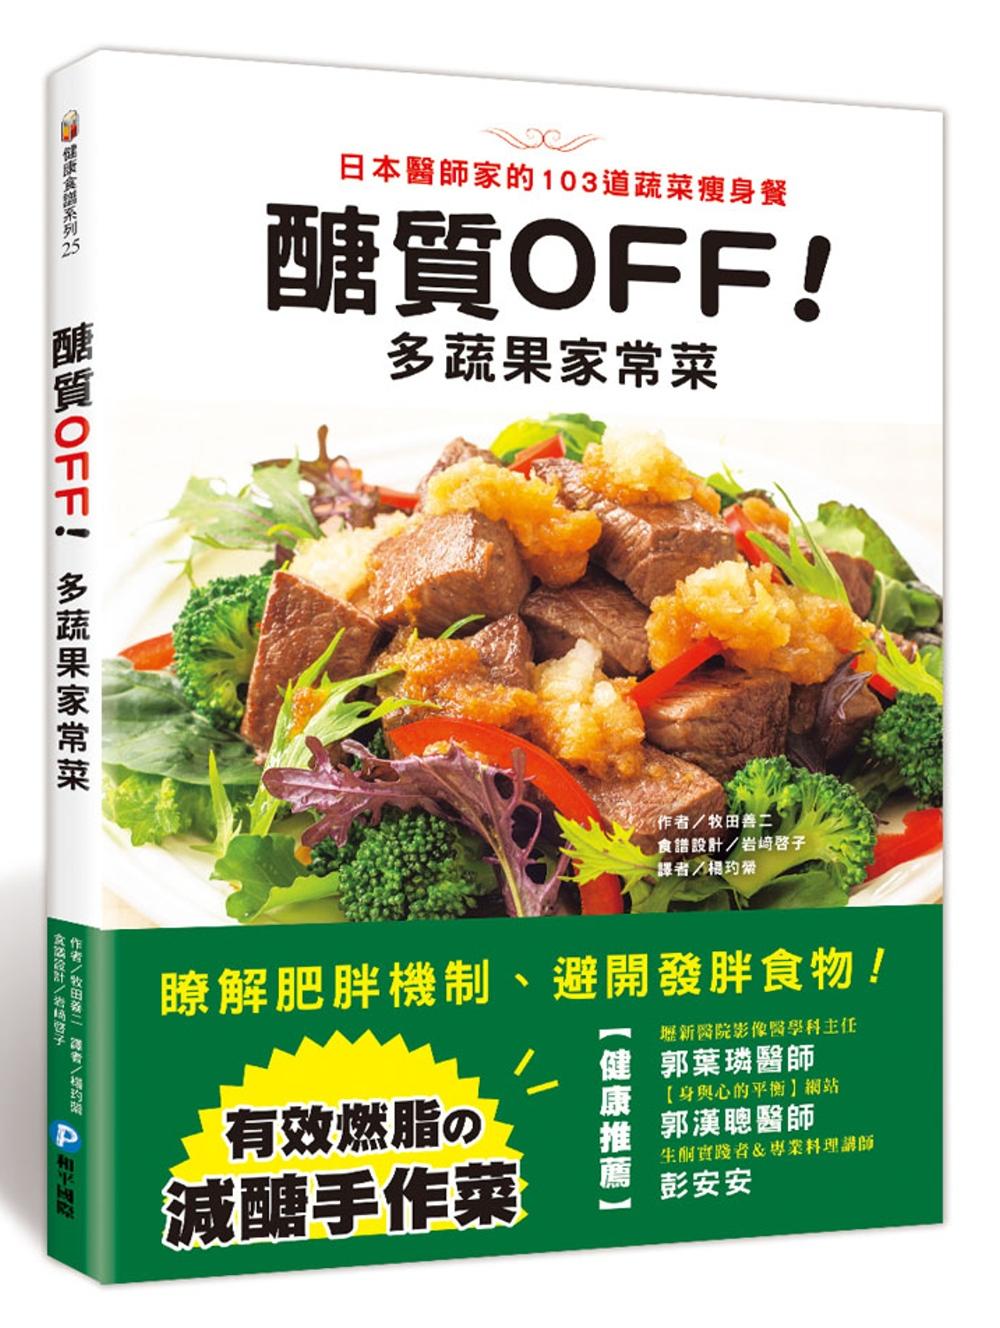 《醣質OFF!多蔬果家常菜:日本醫師家的103道蔬菜瘦身餐》 商品條碼,ISBN:9789863711179